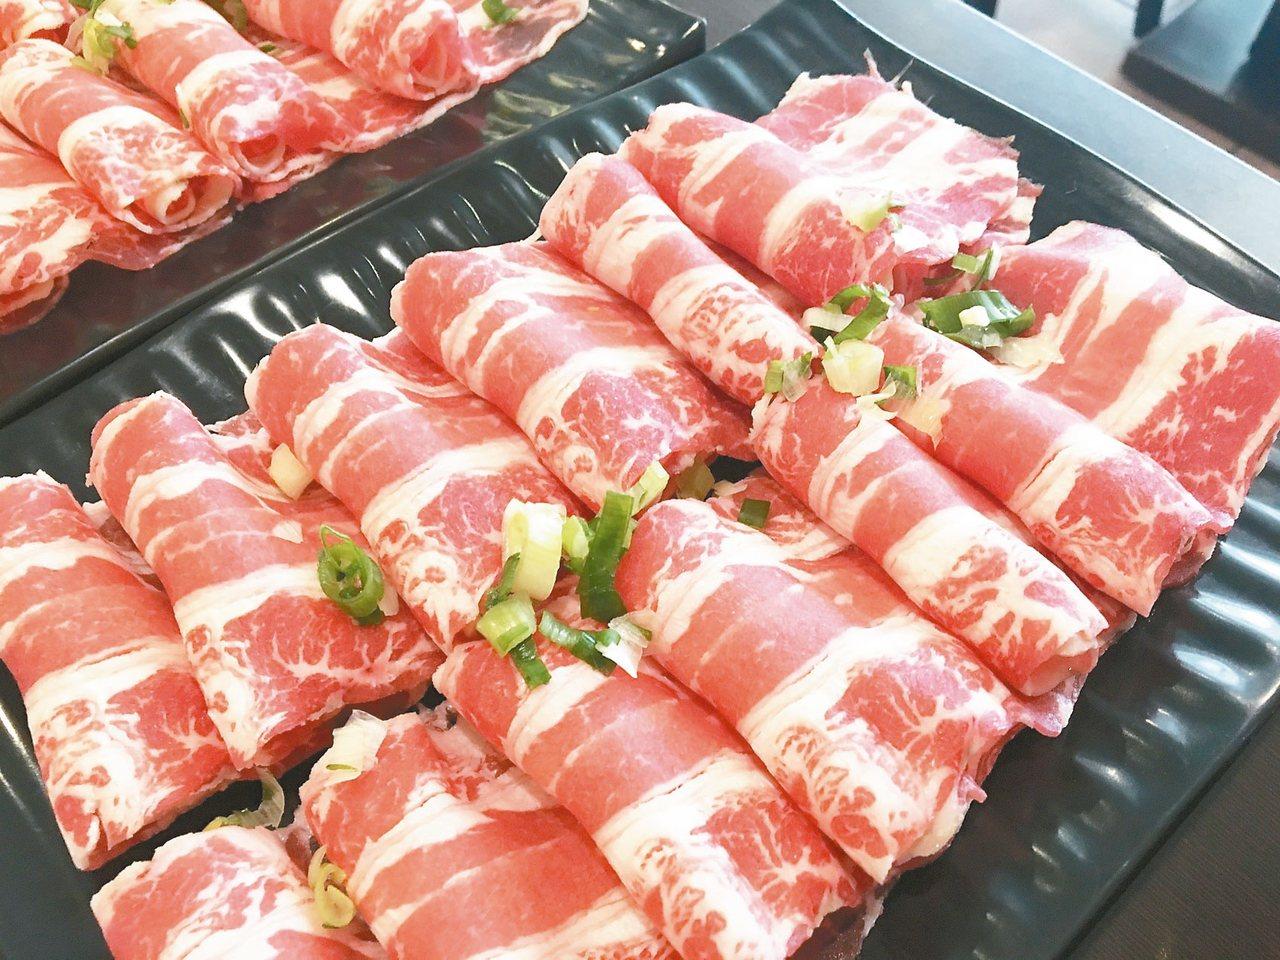 帝王蟹雙人套餐,隨鍋附有兩份精緻肉品。 記者張裕珍/攝影